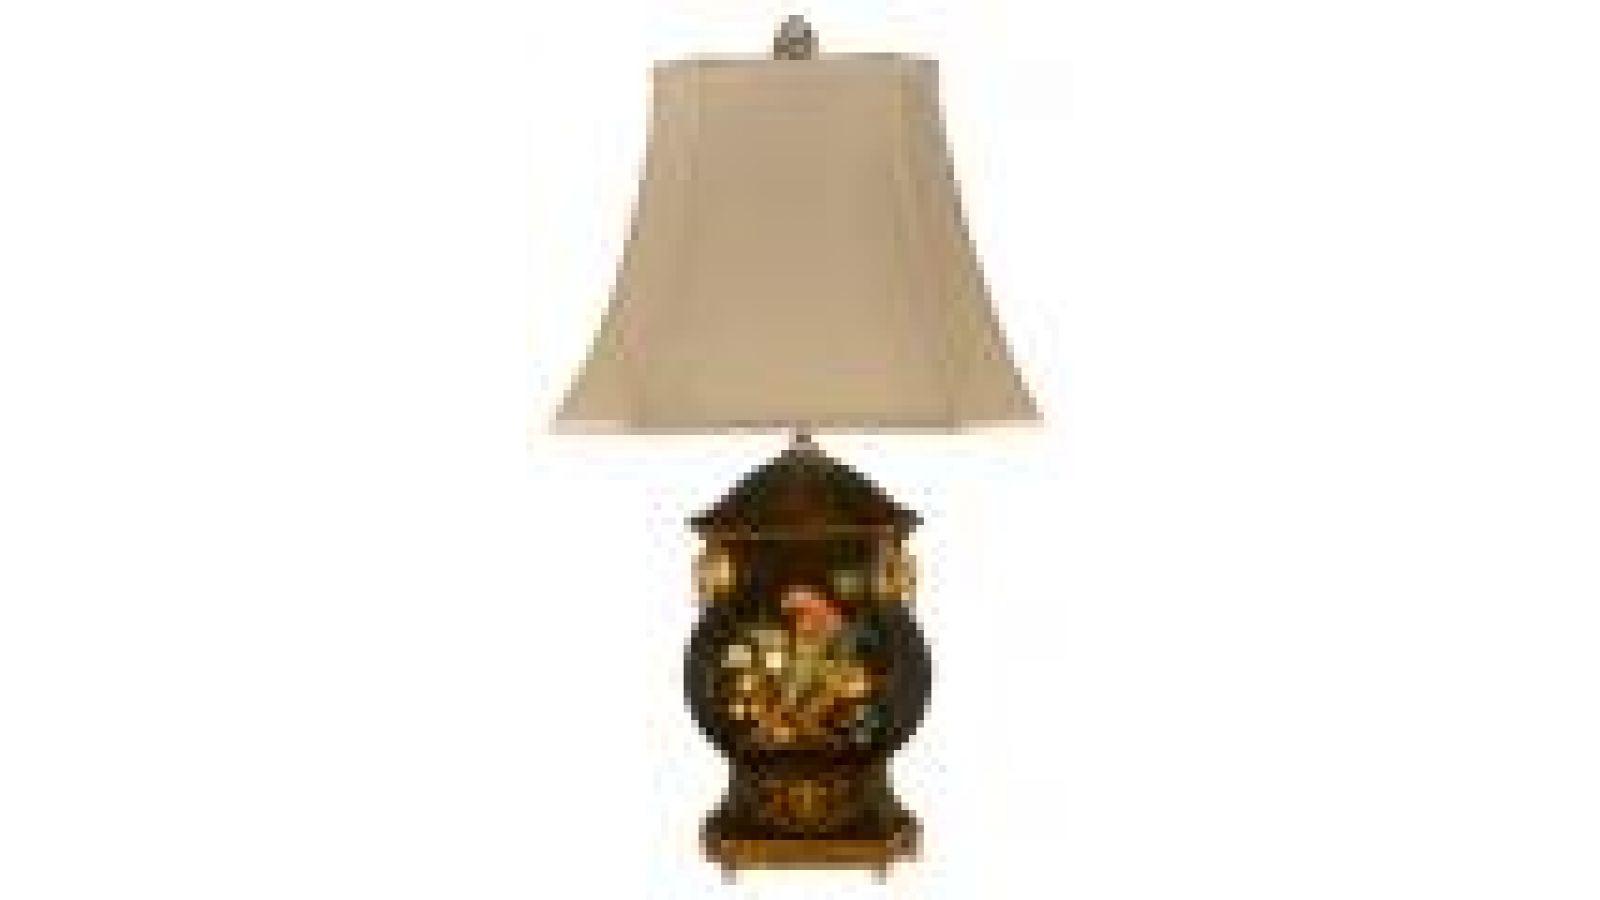 Mfg #: L-03-122 URN LAMP